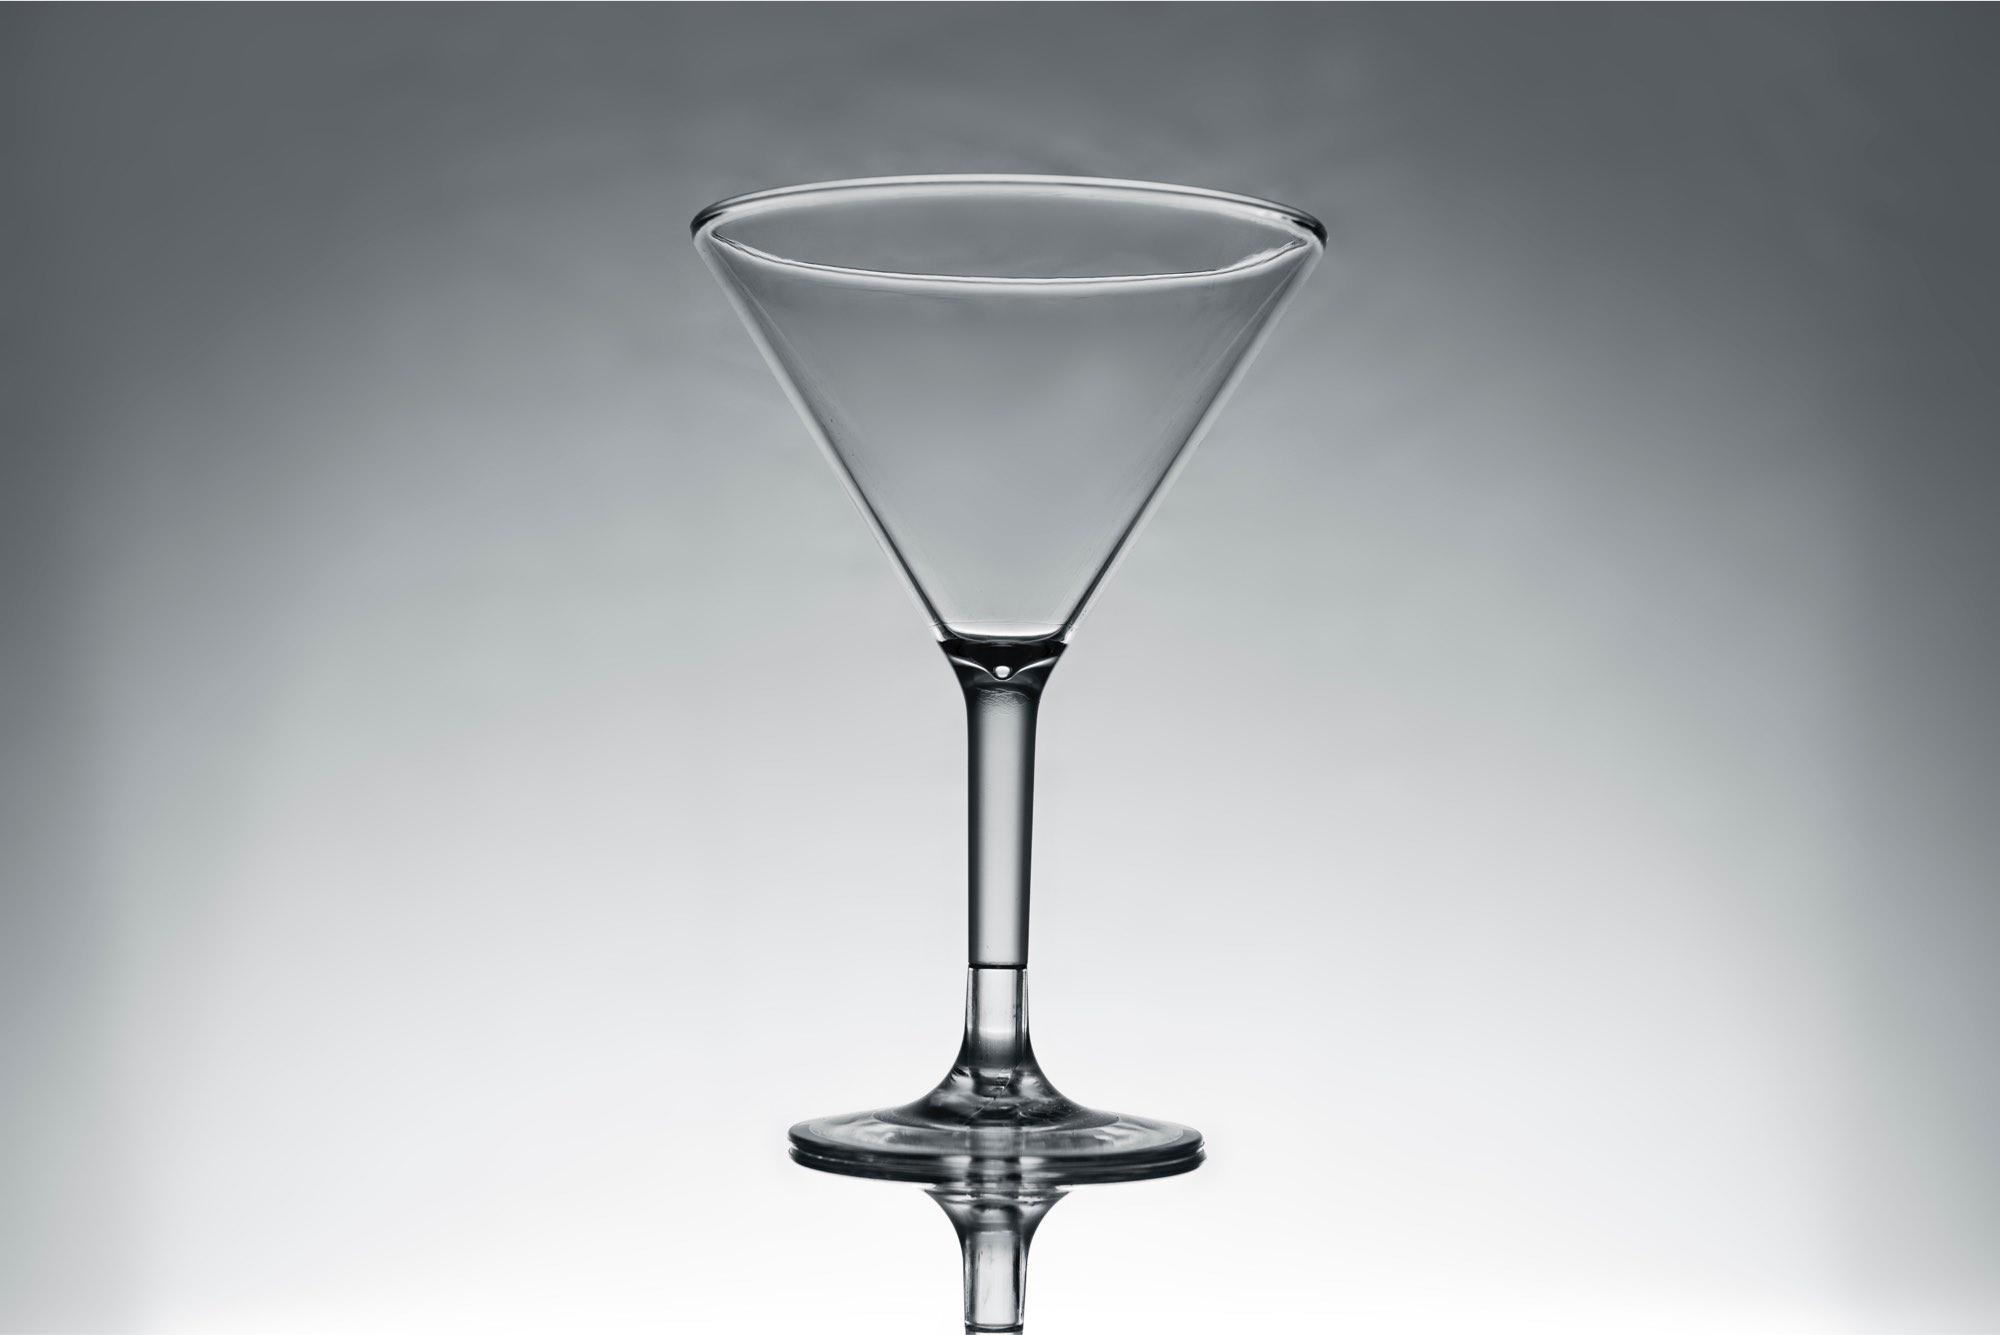 műanyag martini koktél pohár - törhetetlen műanyag pohár